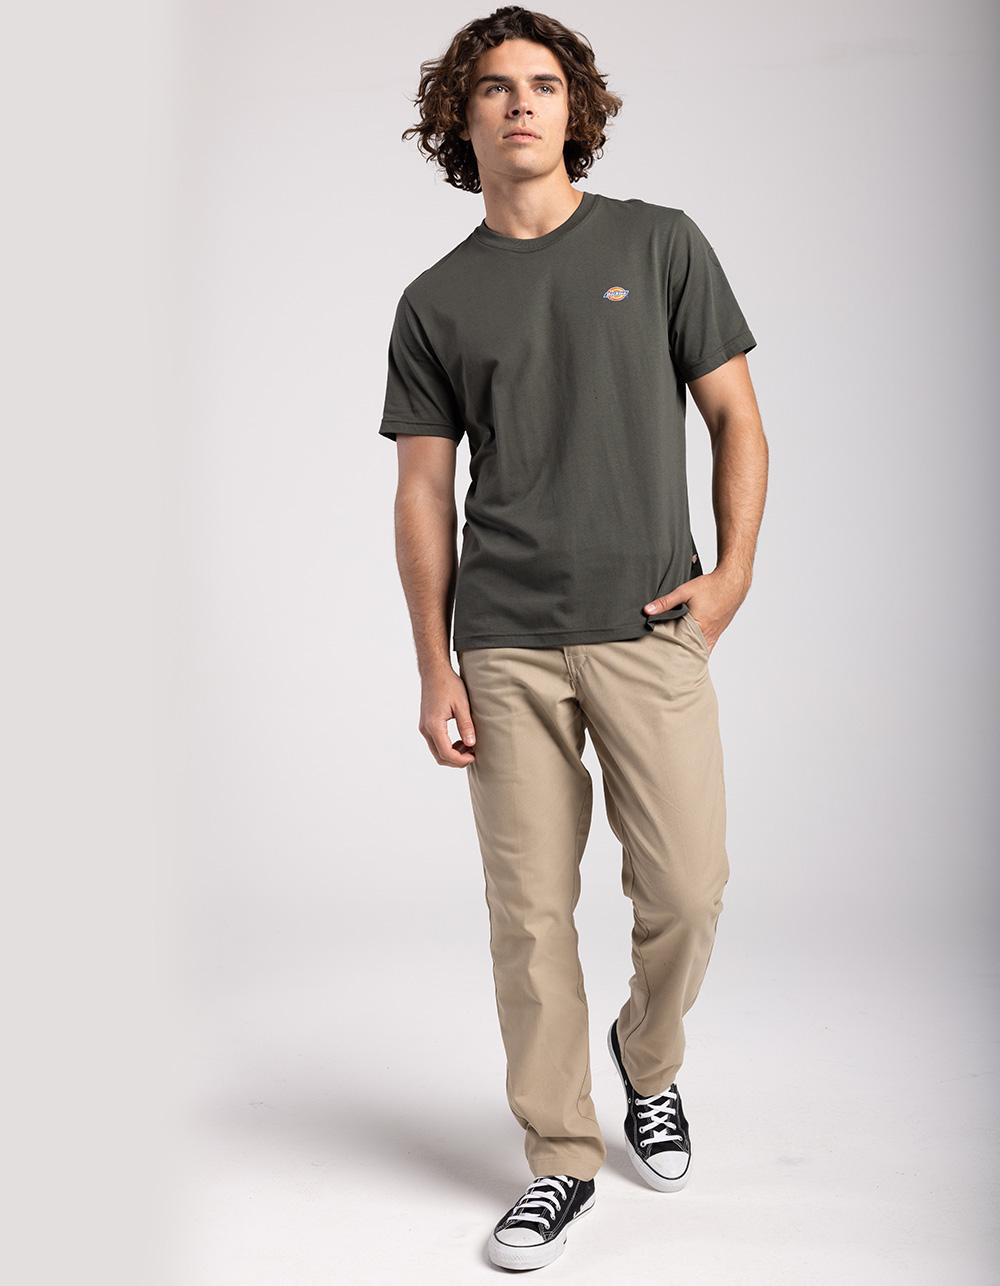 Image of DICKIES 850 SLIM TAPER FLEX KHAKI PANTS